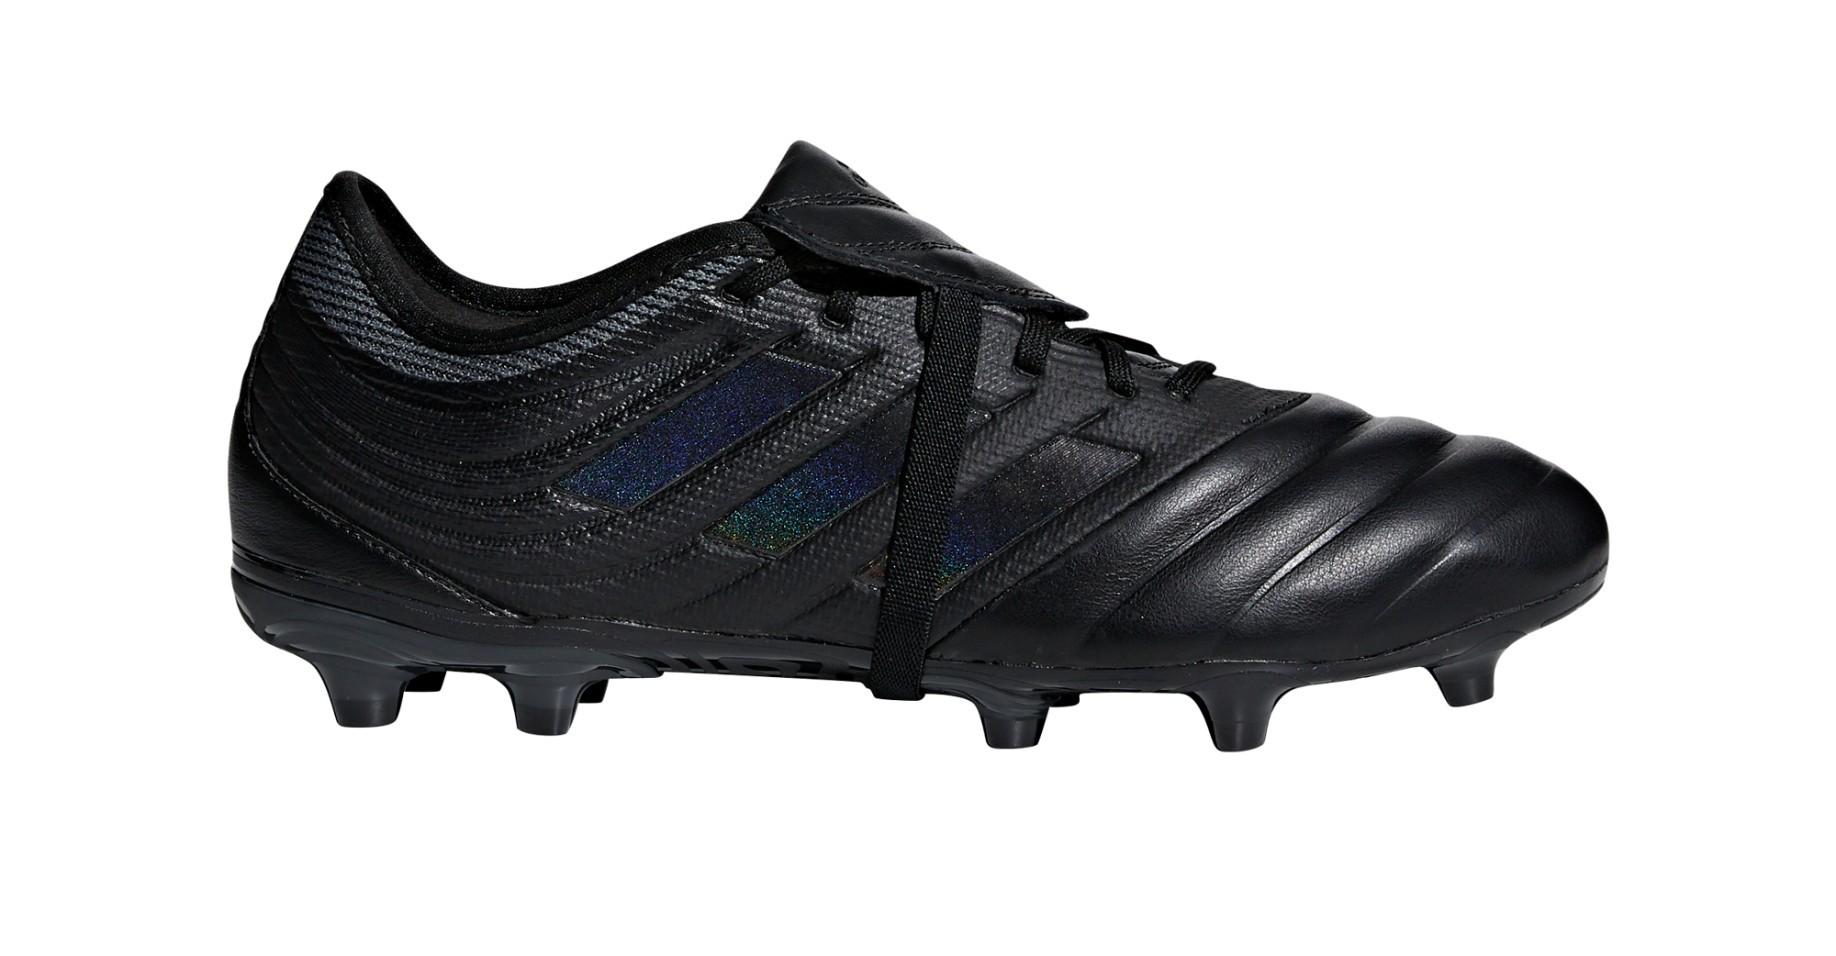 789de497a Football boots Adidas Copa Most 19.2 FG Archetic Pack colore Black Blue -  Adidas - SportIT.com